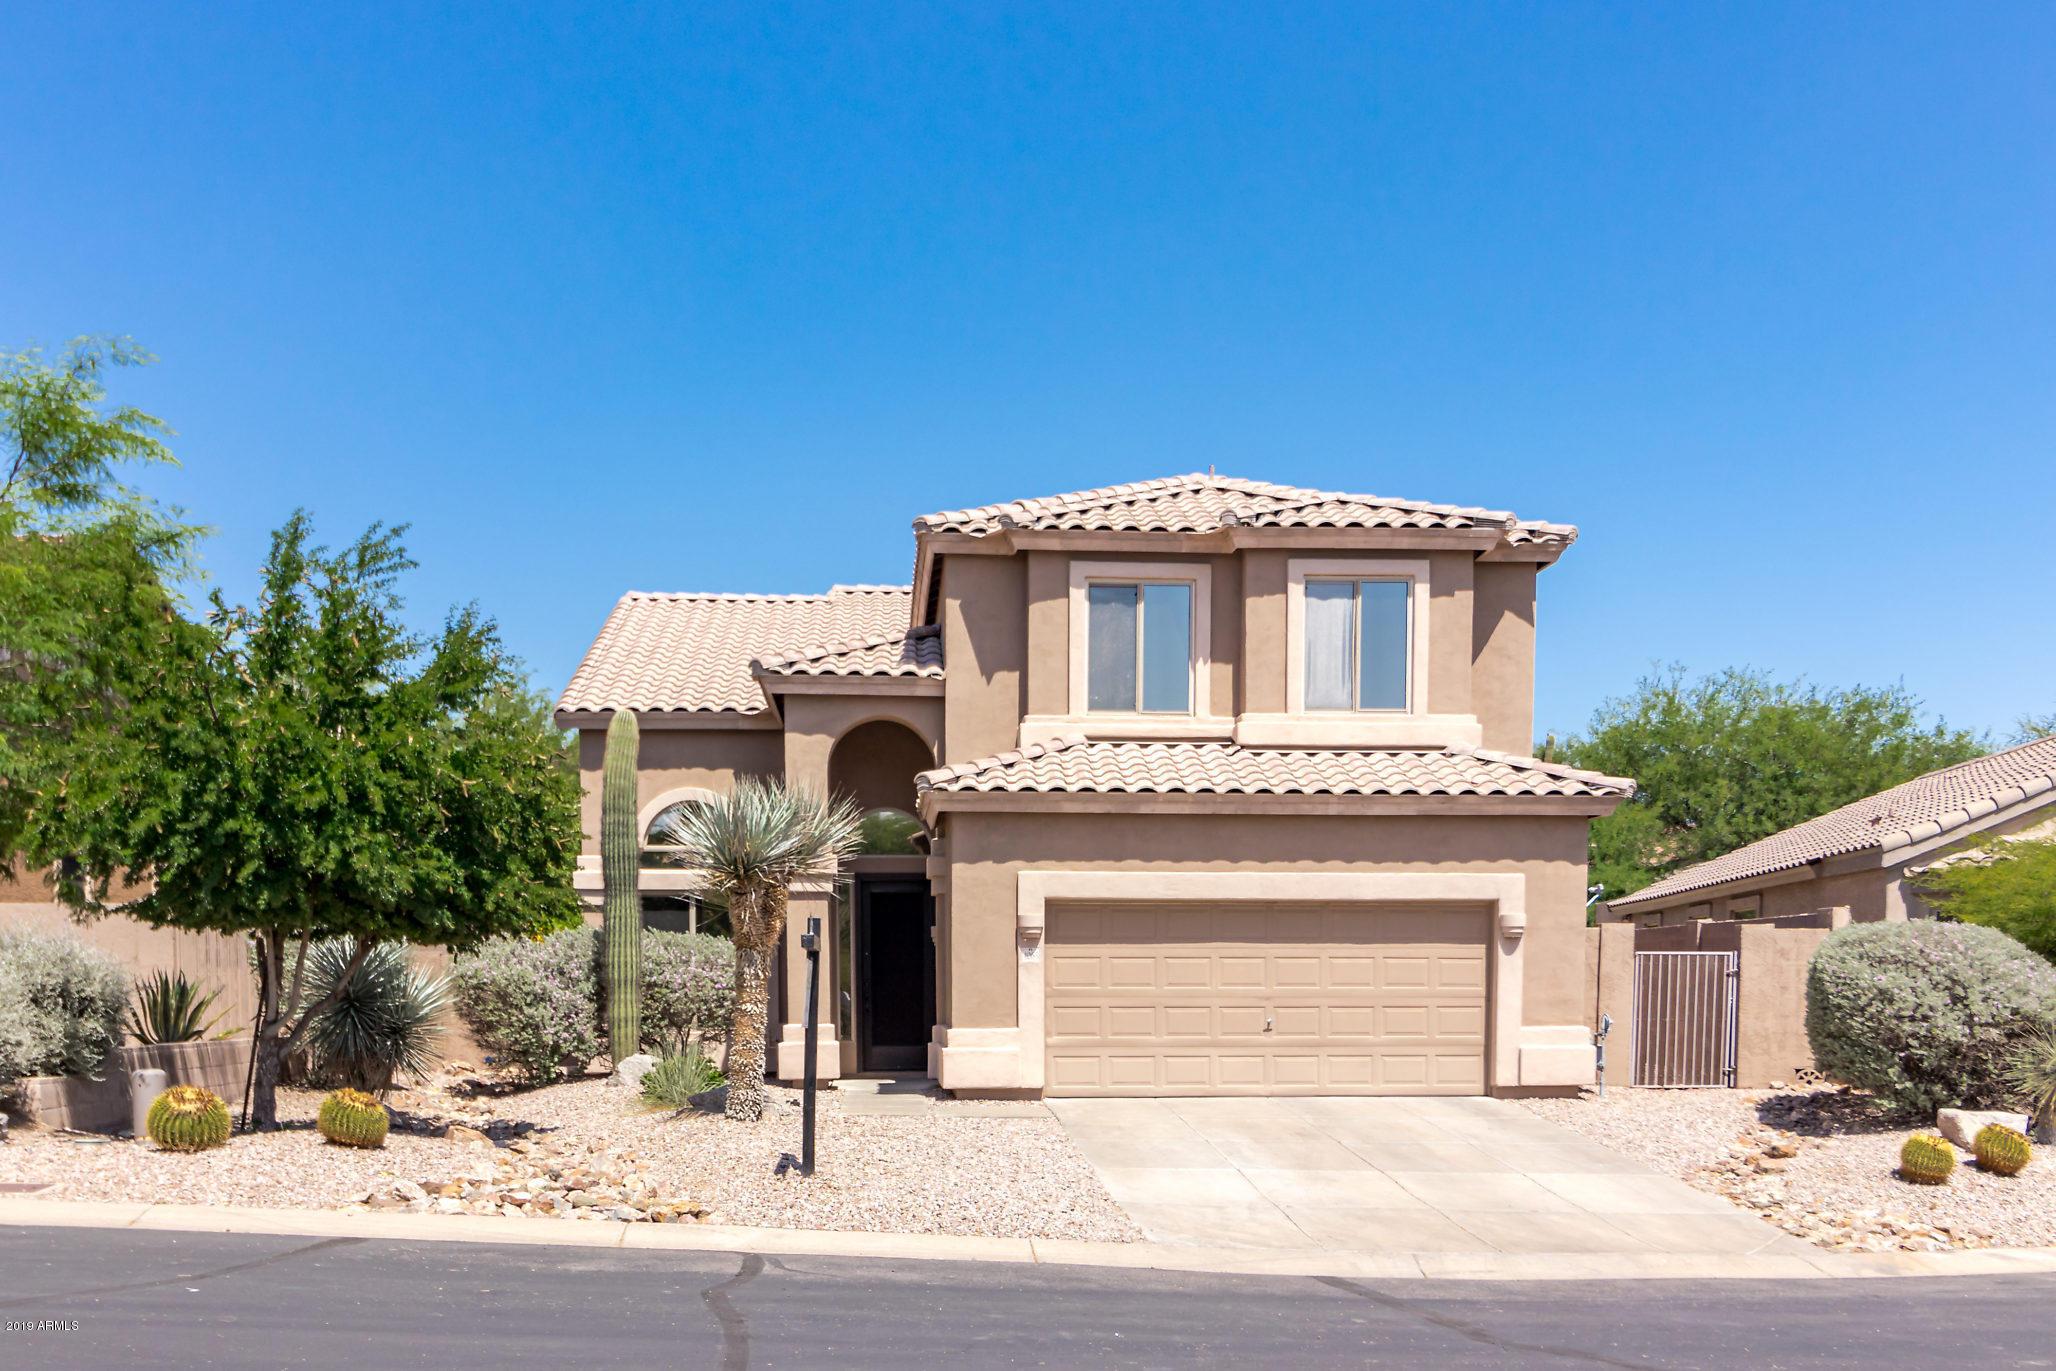 Photo of 4065 N BOULDER CANYON --, Mesa, AZ 85207